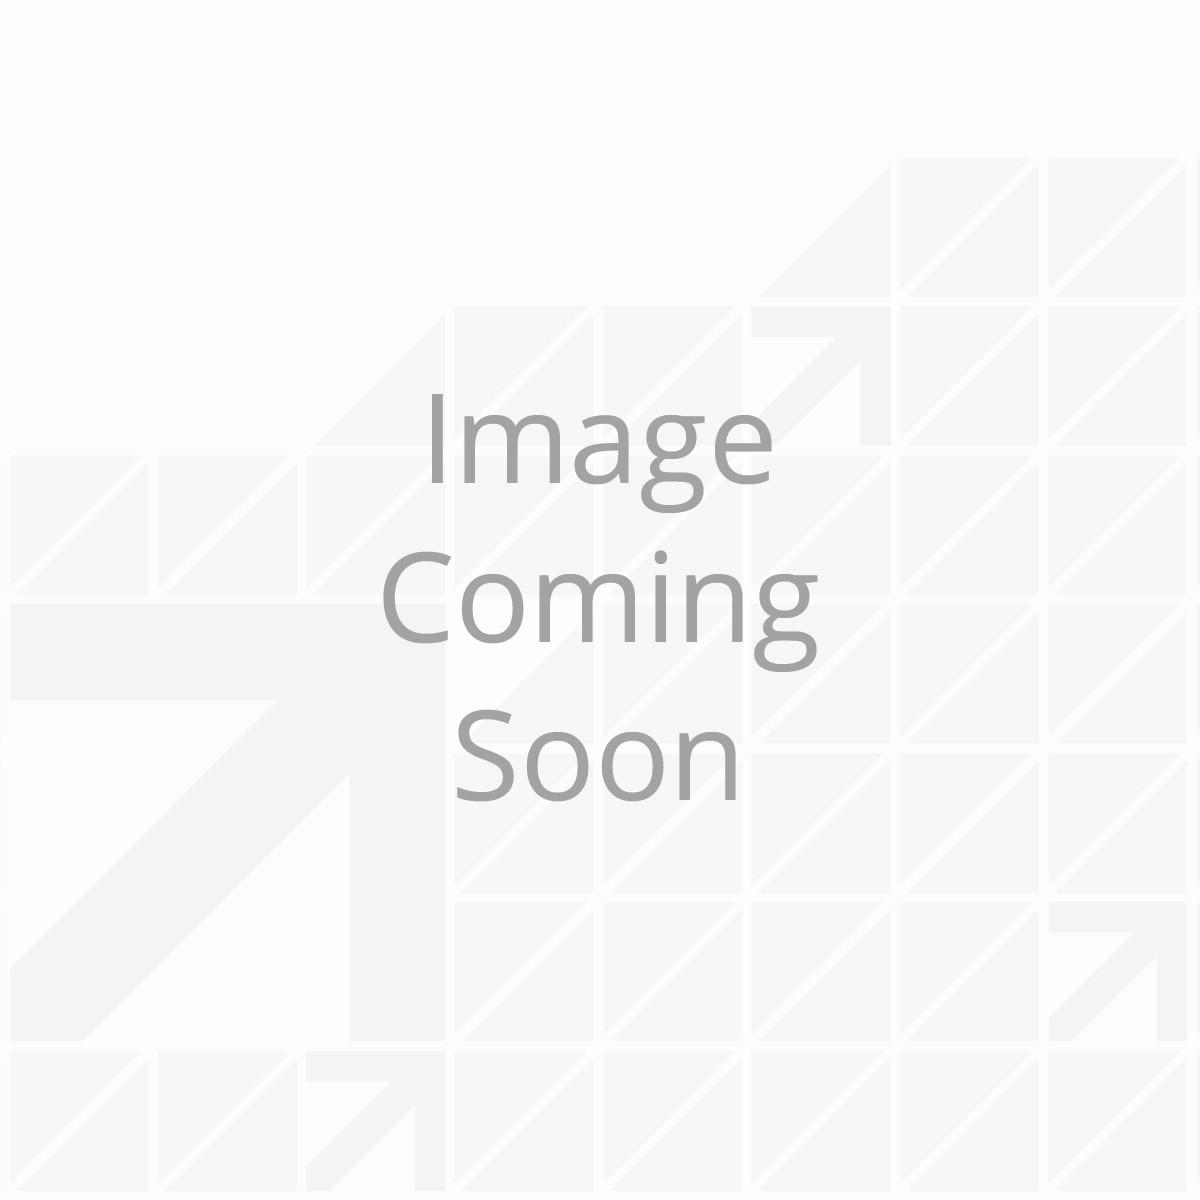 IG-42gm Motor - 5mm